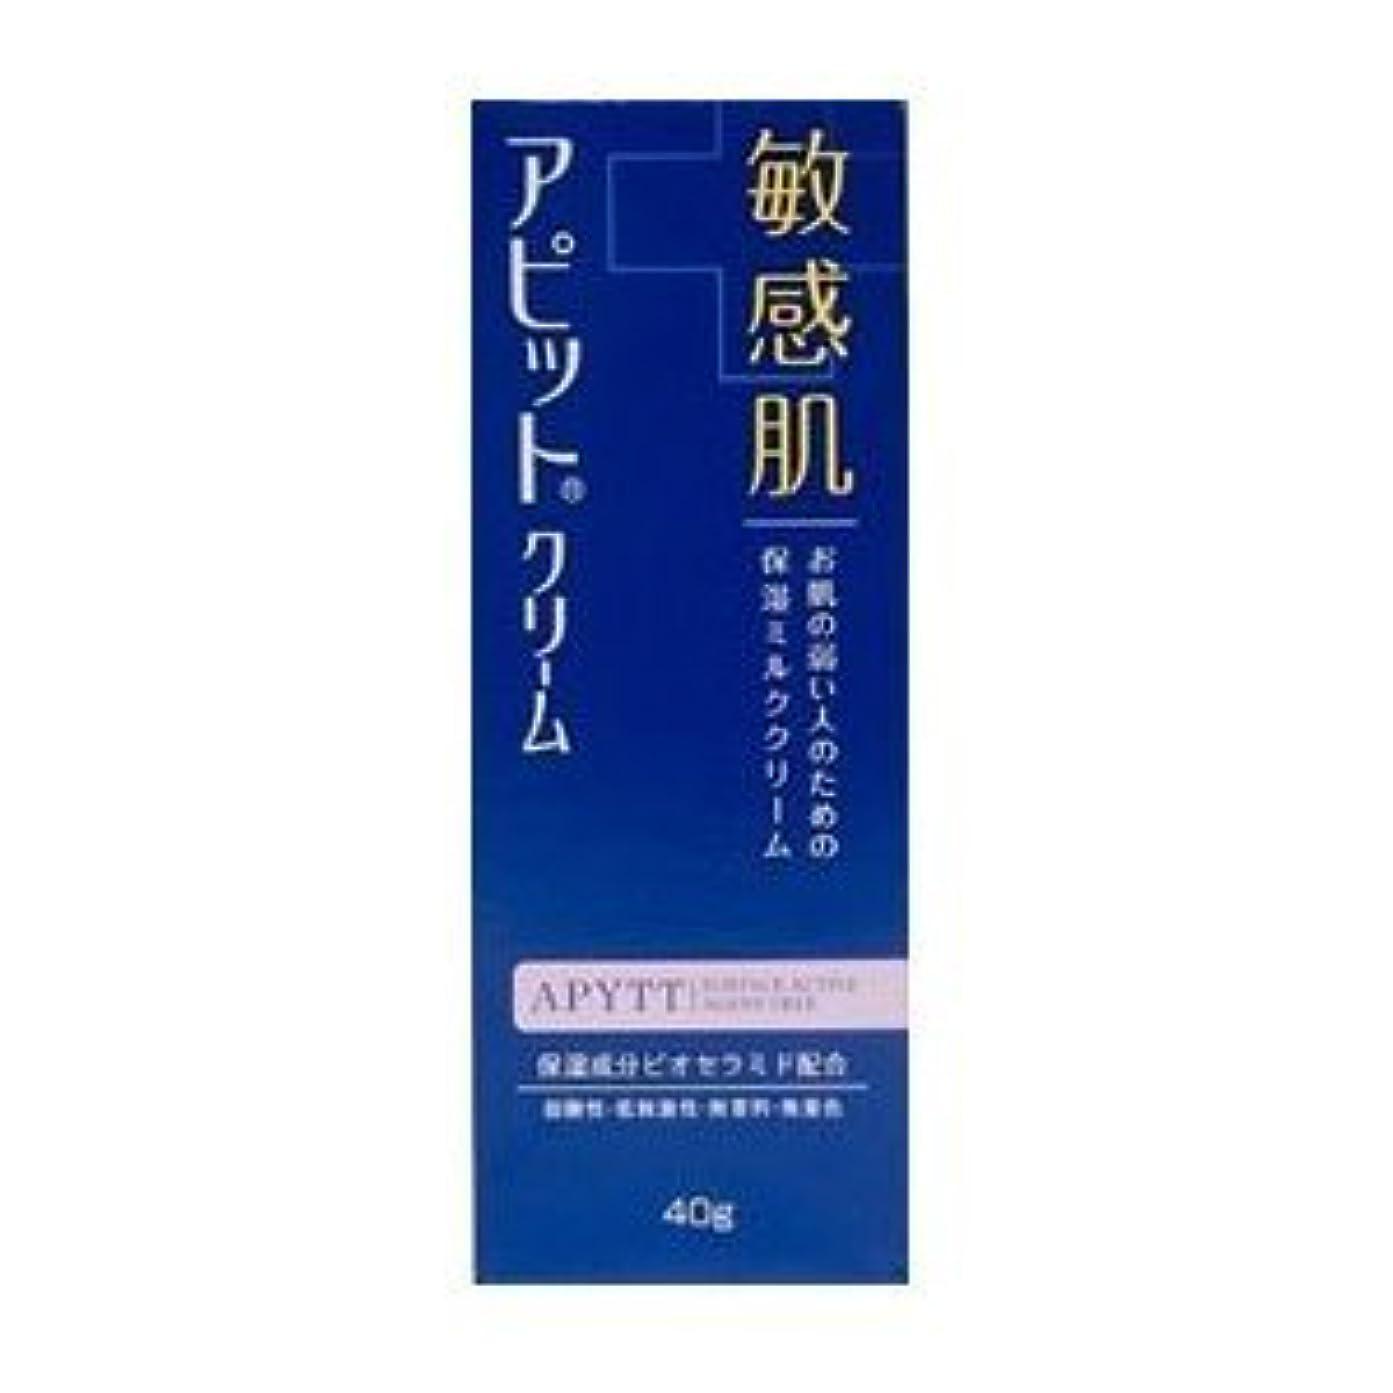 見捨てる賞賛する役職全薬工業 アピットクリーム 40g×3個セット (医薬部外品)